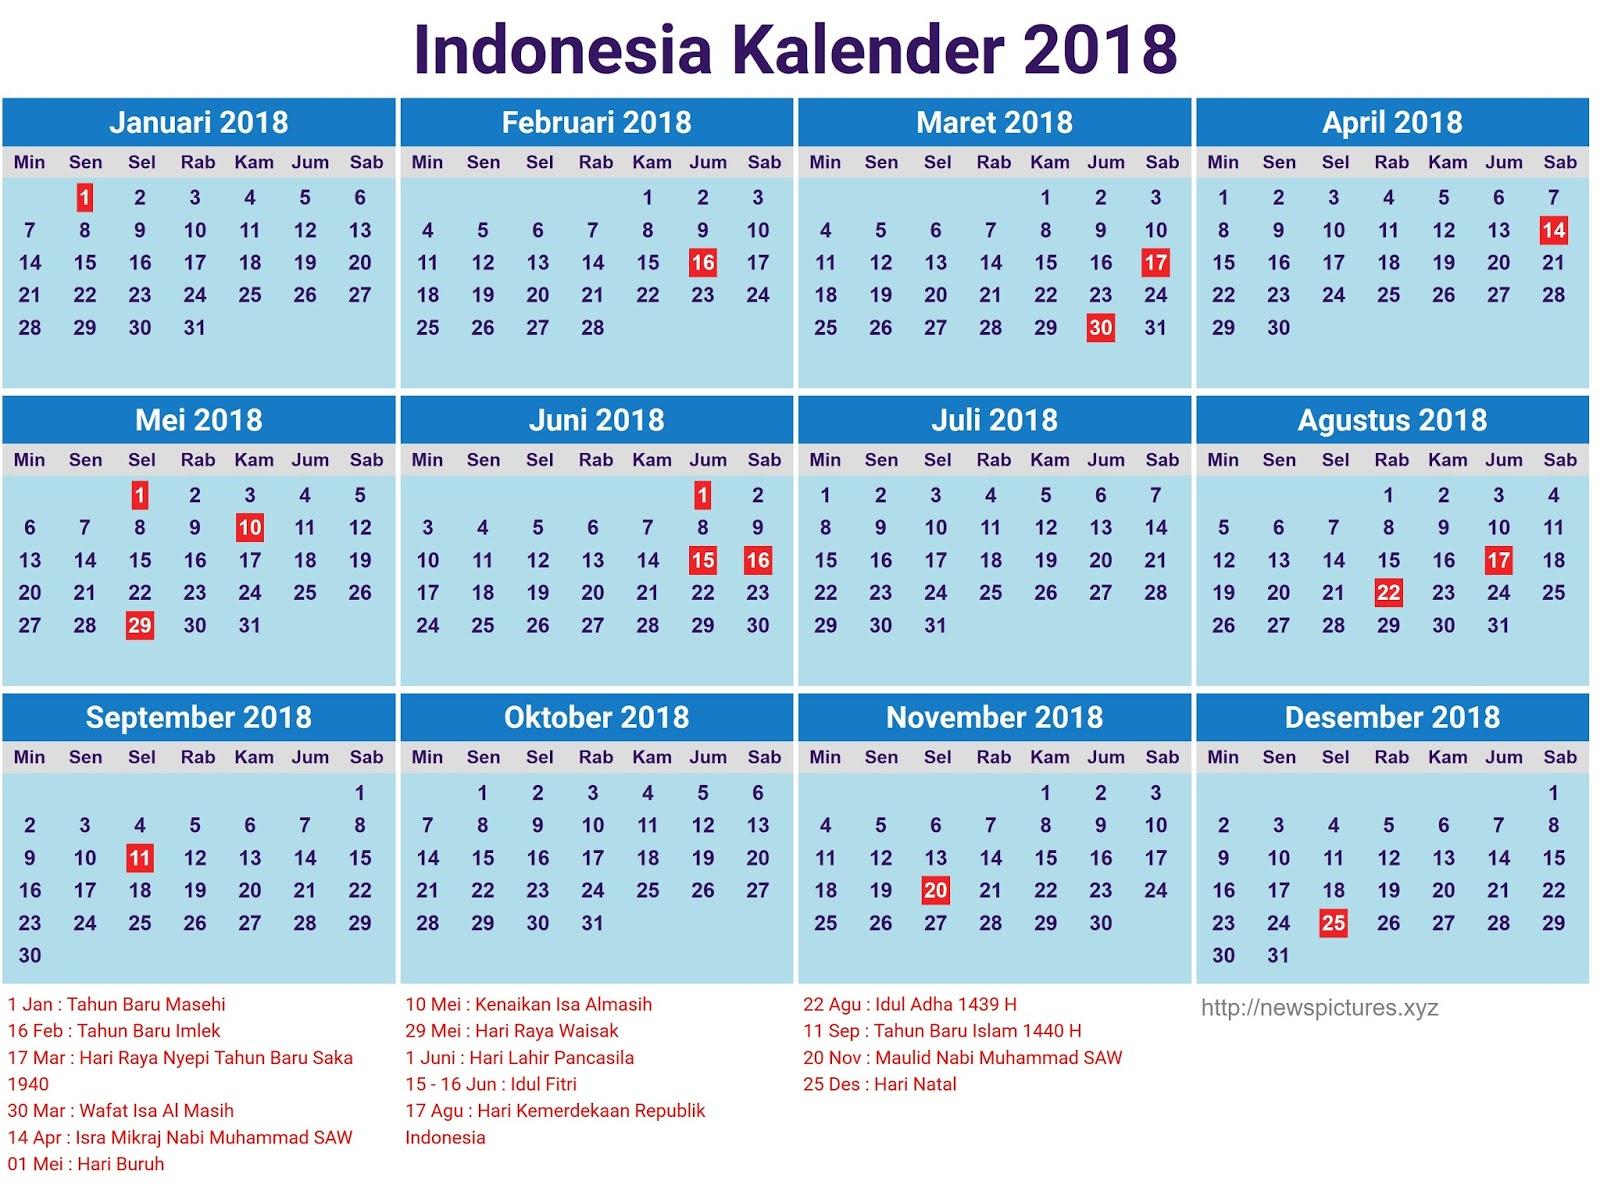 Kalender 2018 Beserta Hari Libur Nasional - beritauaja.com